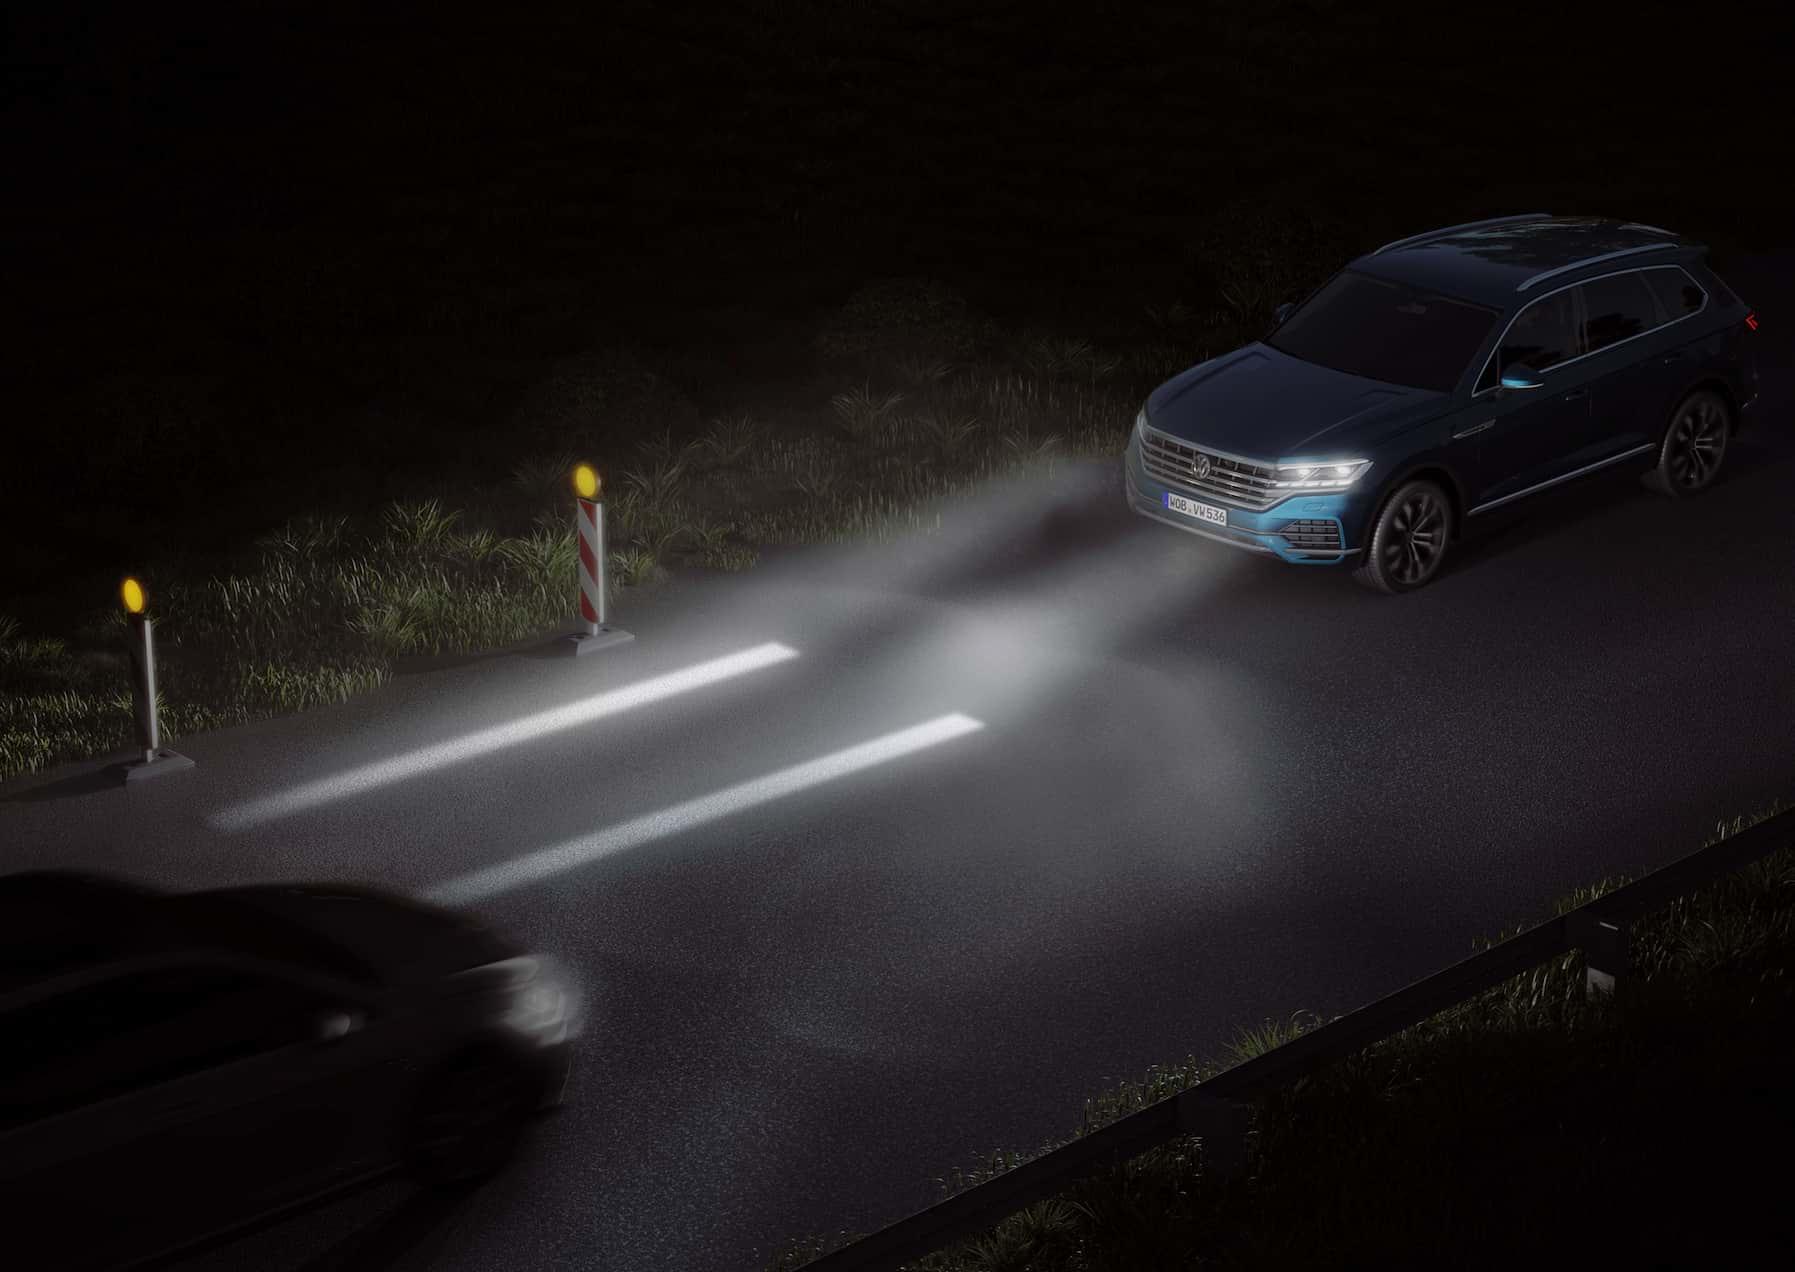 Tipos de iluminación: luces diurnas, cortas, largas y de niebla